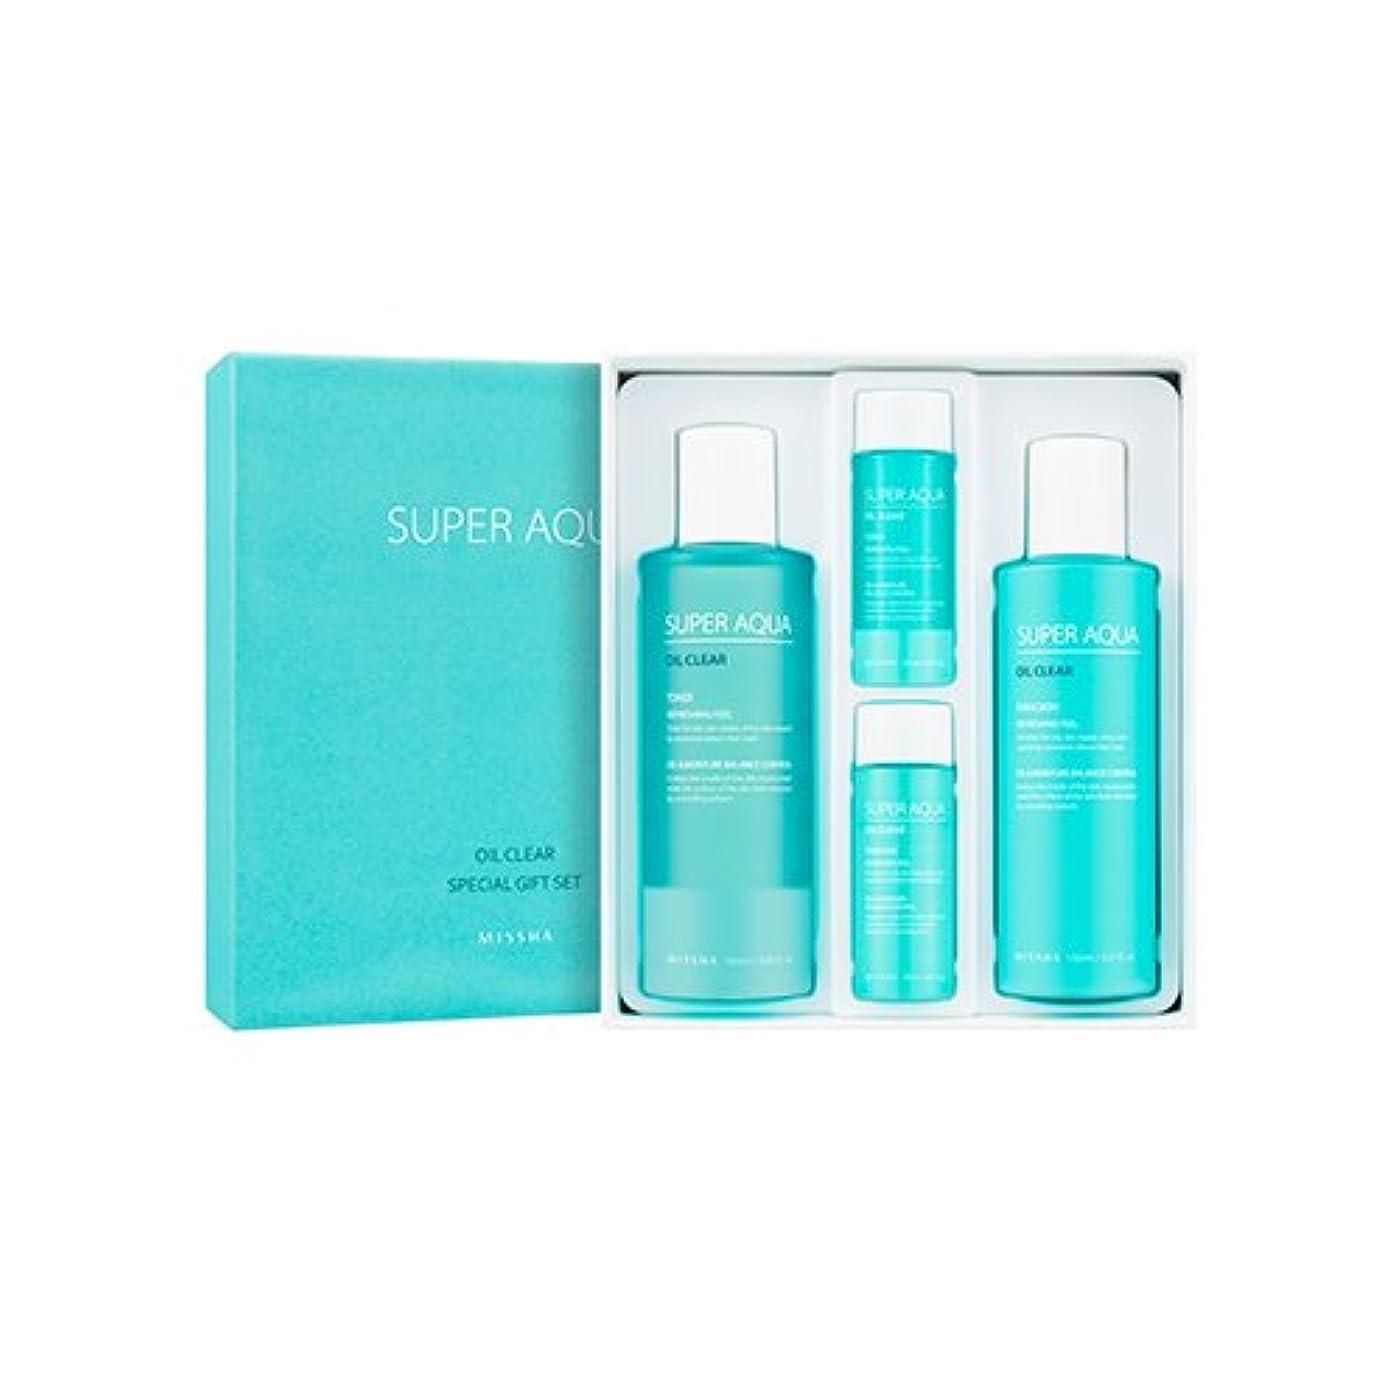 修復火山痛みMISSHA Super Aqua Oil Clear Special Gift Set/ミシャ スーパーアクアオイルクリアスペシャルギフトセット [並行輸入品]